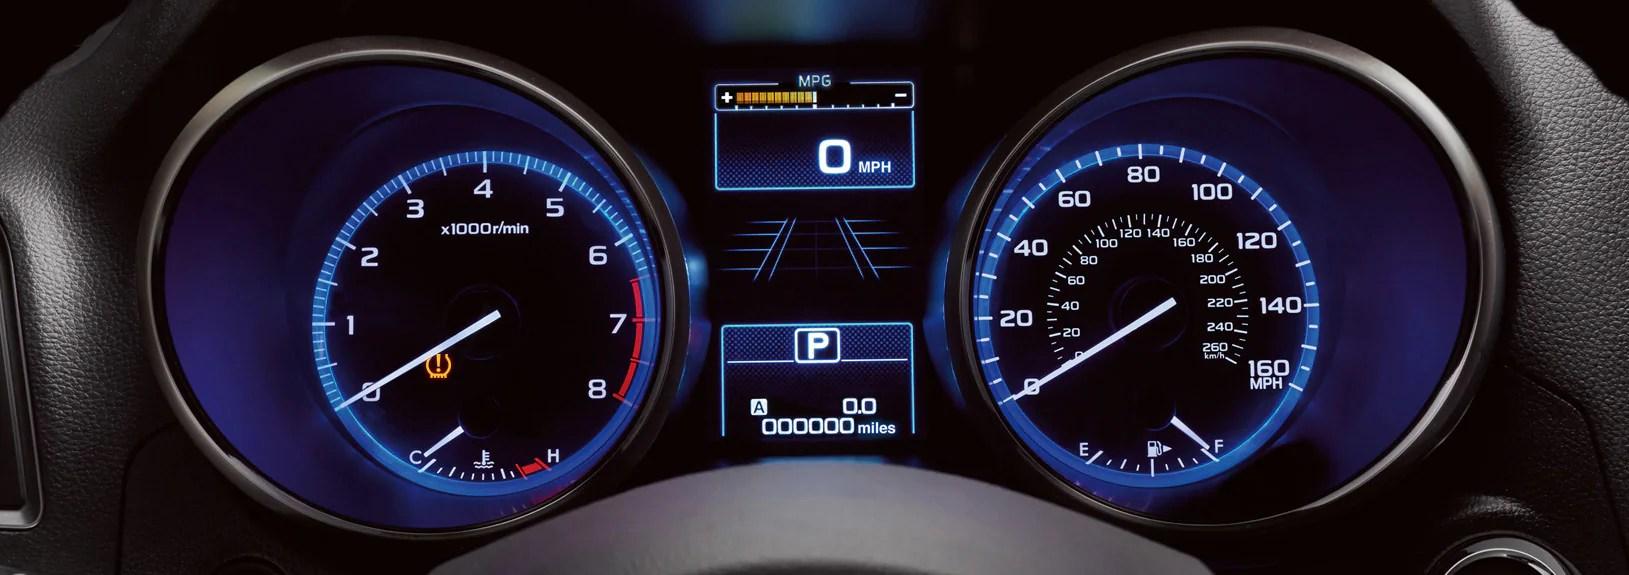 hight resolution of subaru warning indicator lights